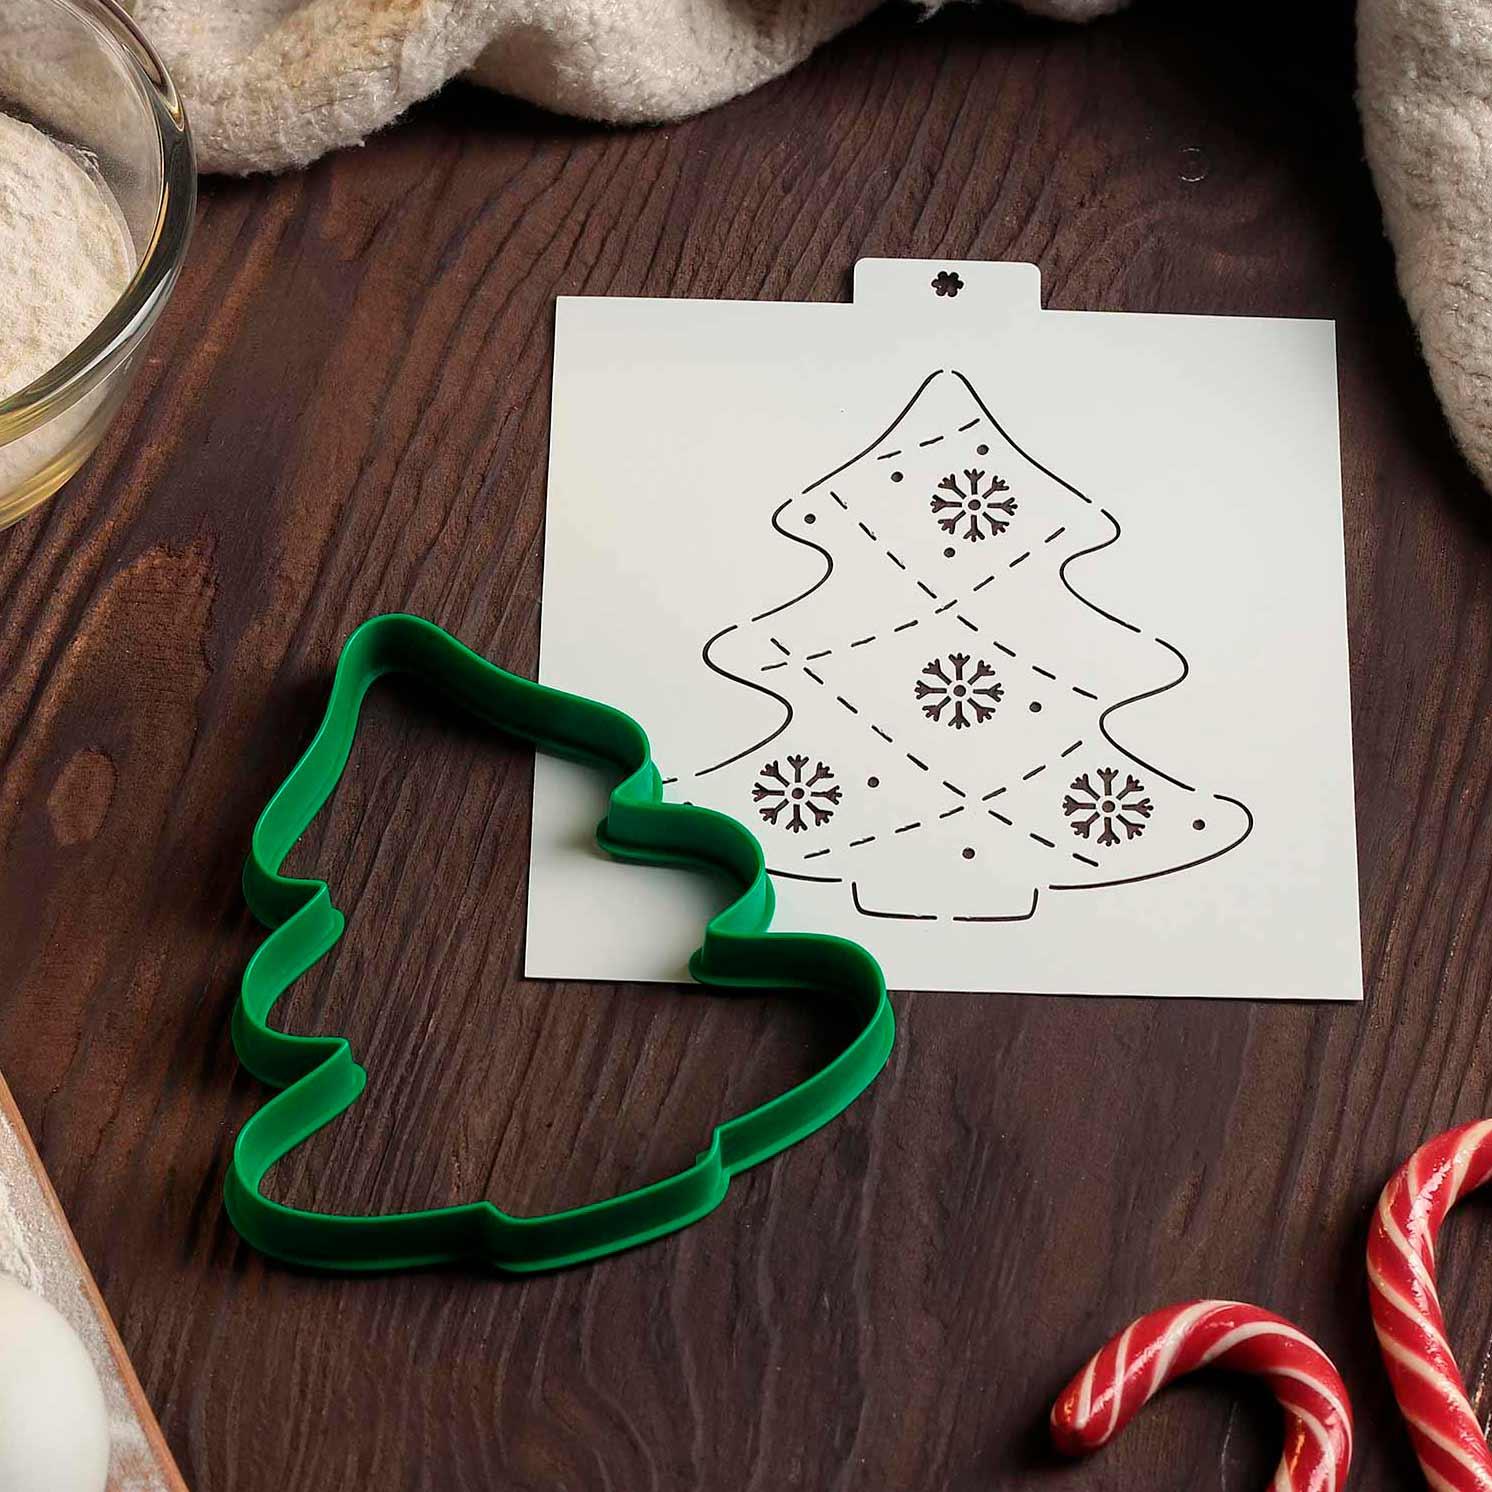 Форма для создания пряников под роспись «Ёлка», 12,2×11,5×1,5 см, цвет зелёный